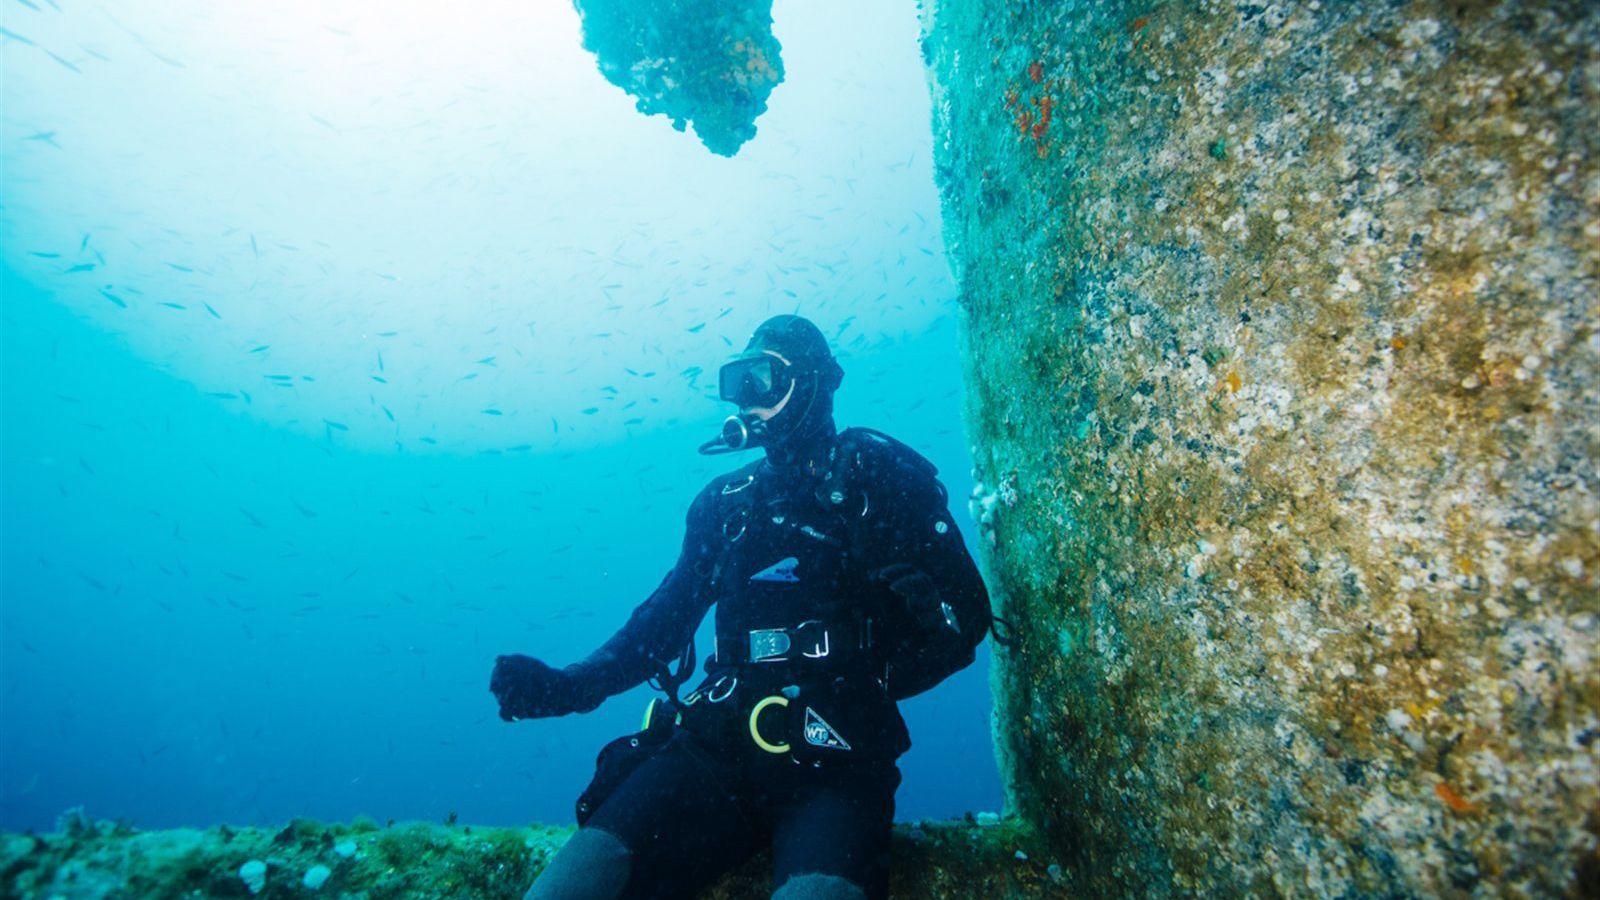 Scuba diver sitting on a sunken structure in Cancun